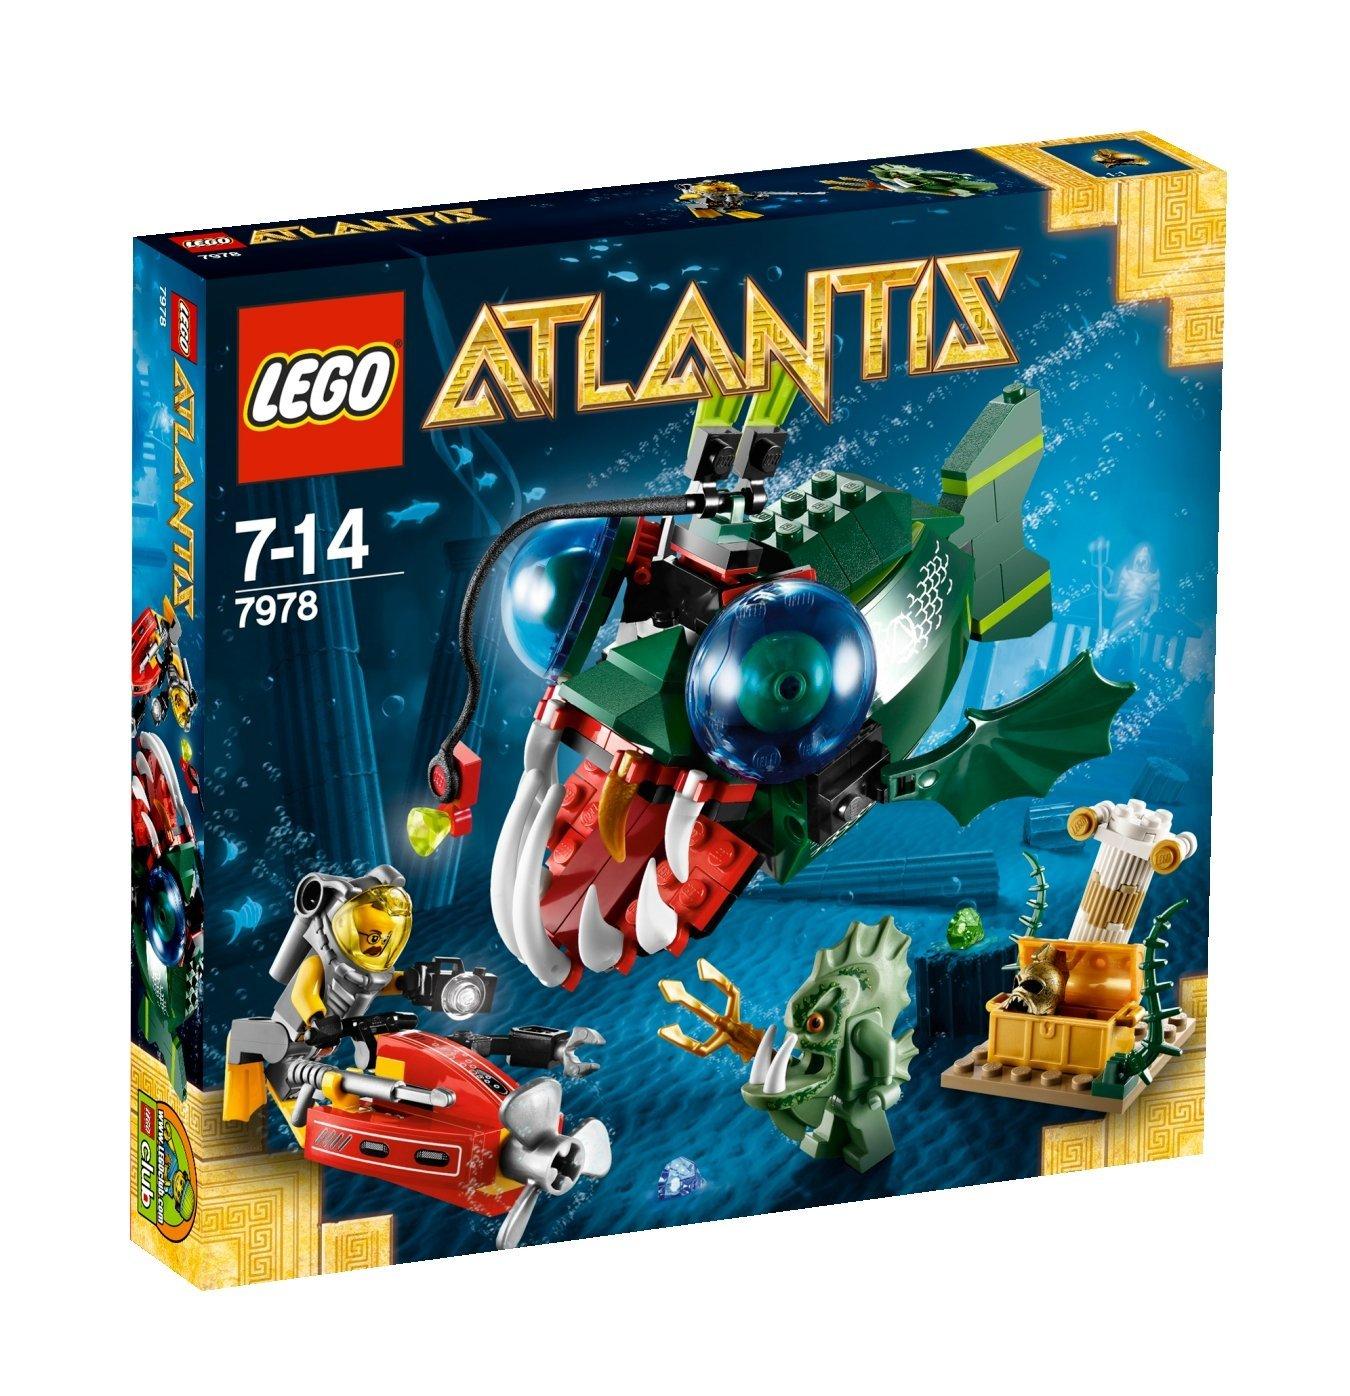 Jouet Lego Atlantis La créature maléfique - 7978